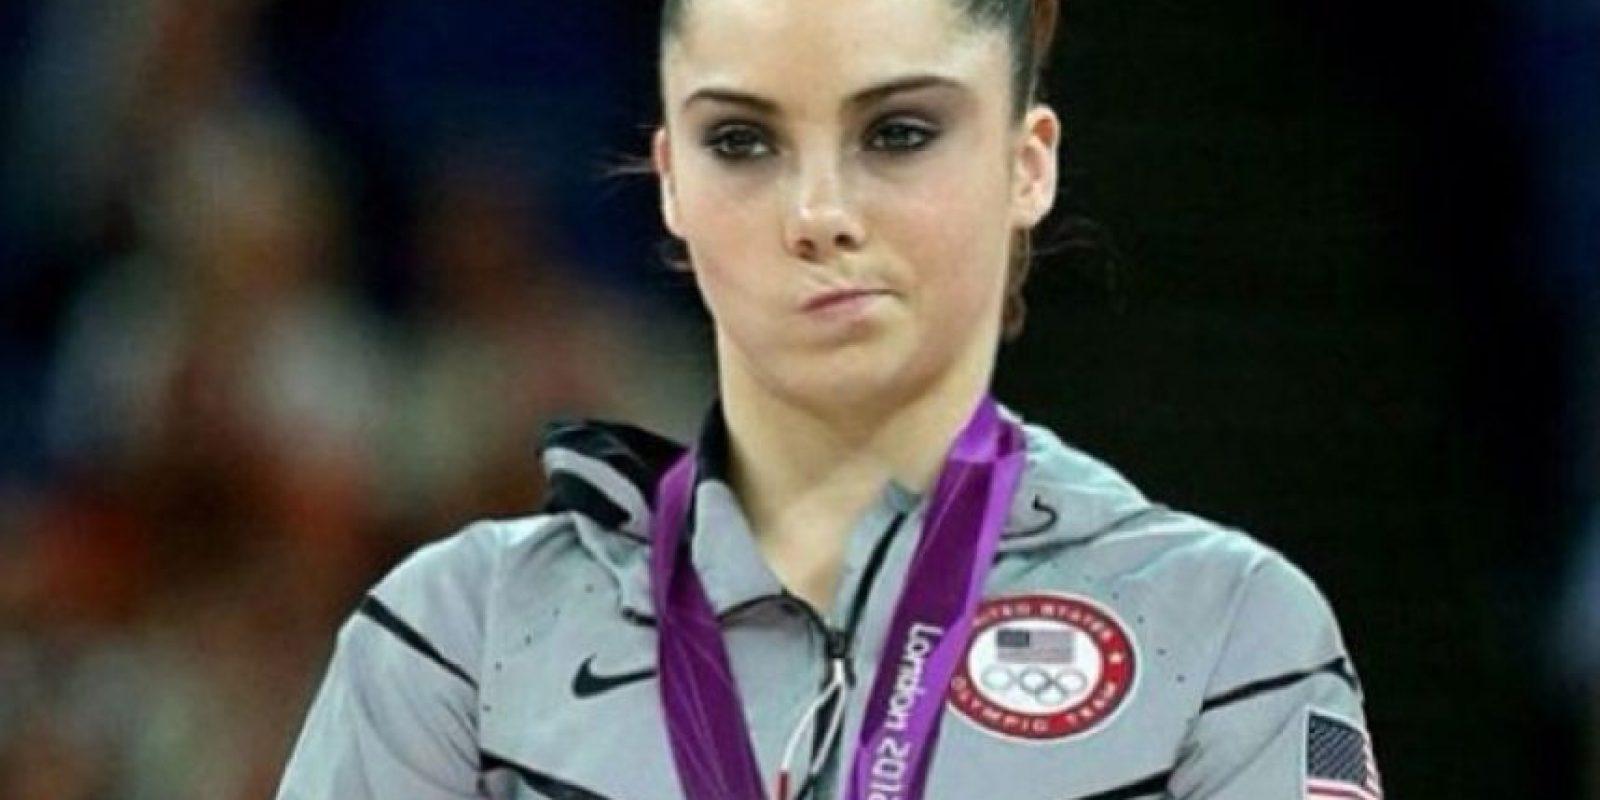 Inmortalizó su gesto en los Juegos Olímpicos de Londres 2012 Foto:Instagram: @mackaylamaroney